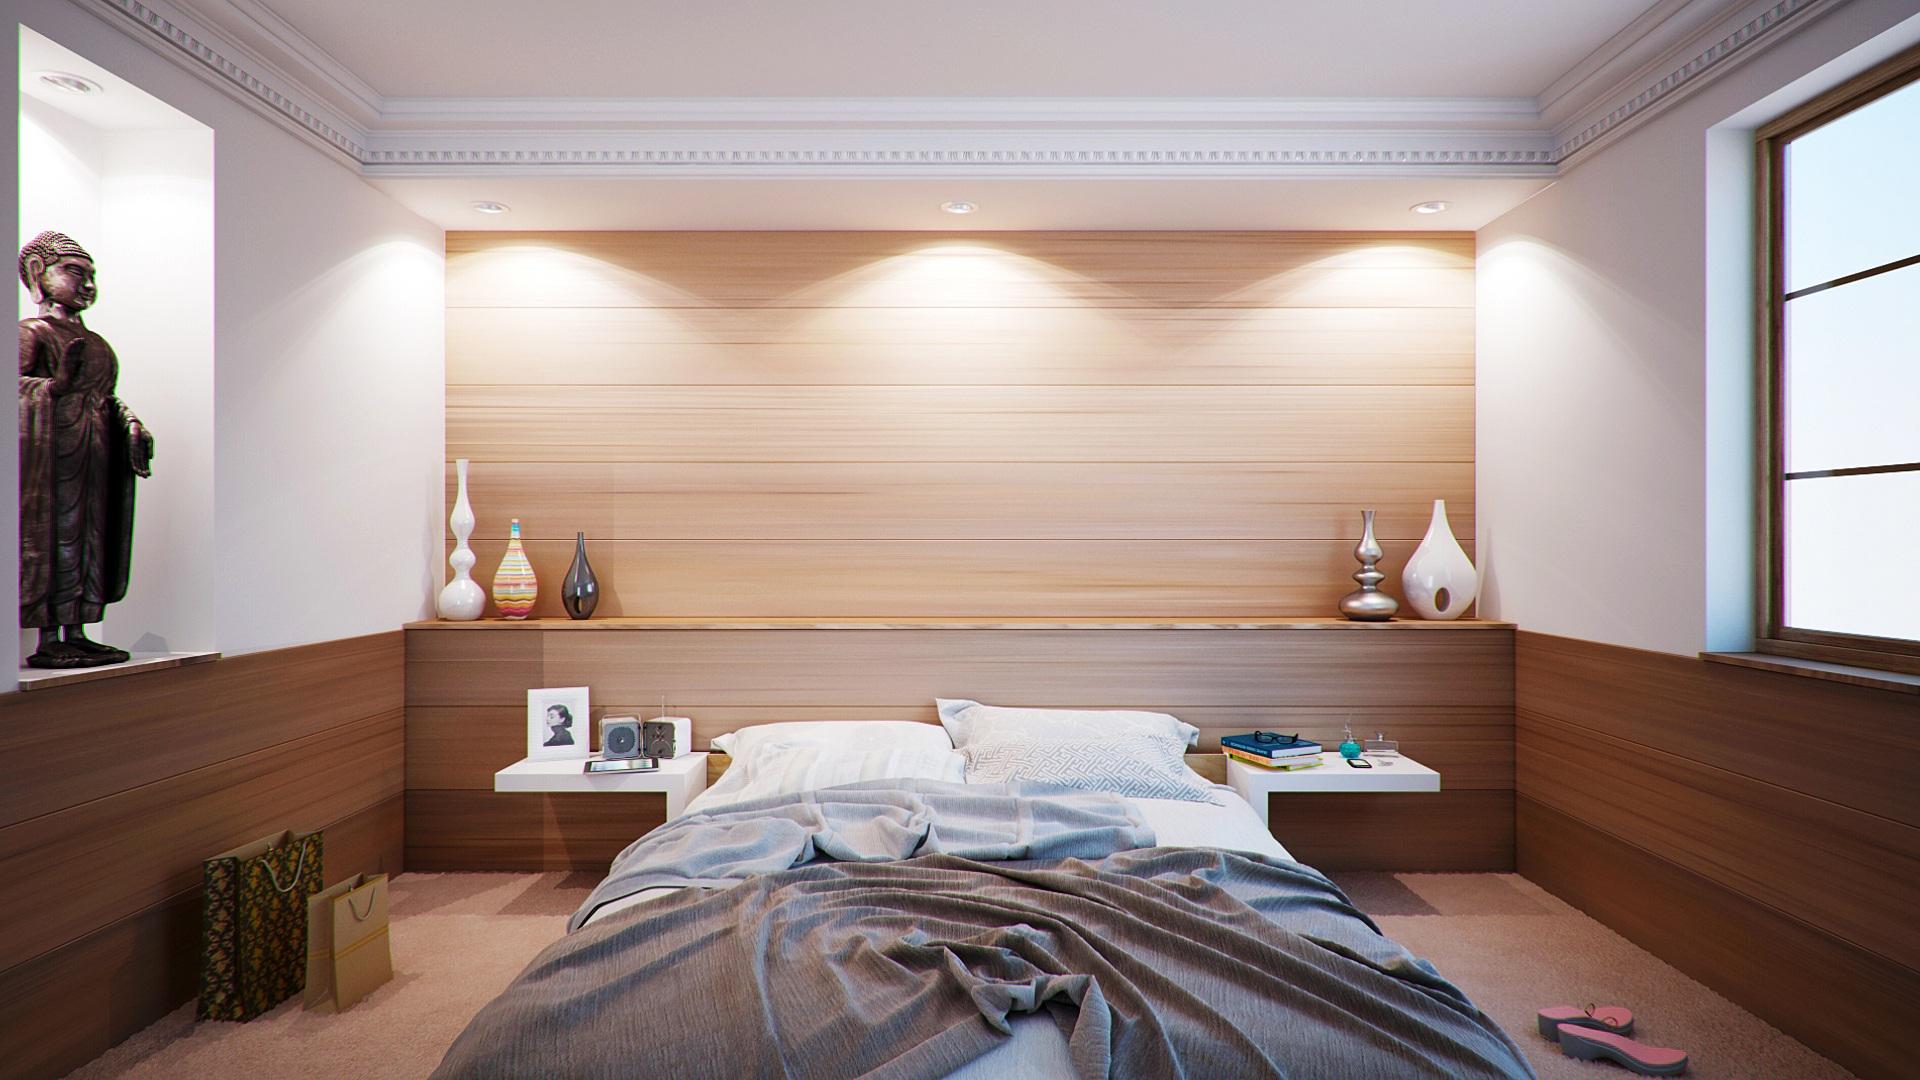 bedroom-416062 (Copy)